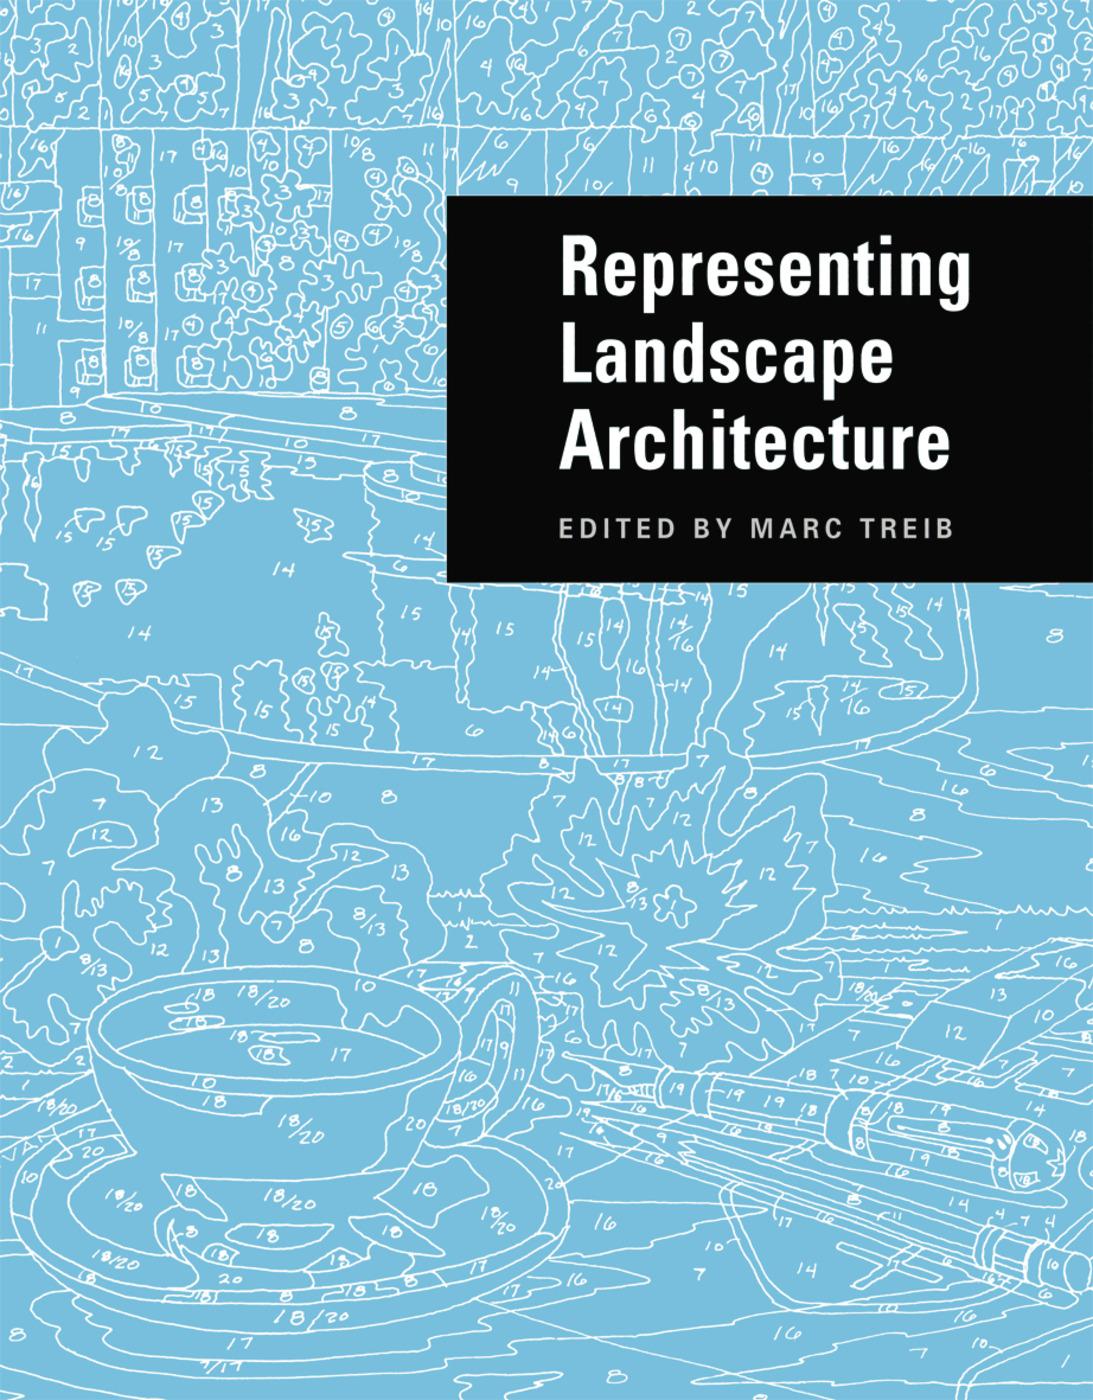 Representing Landscape Architecture (Paperback) book cover